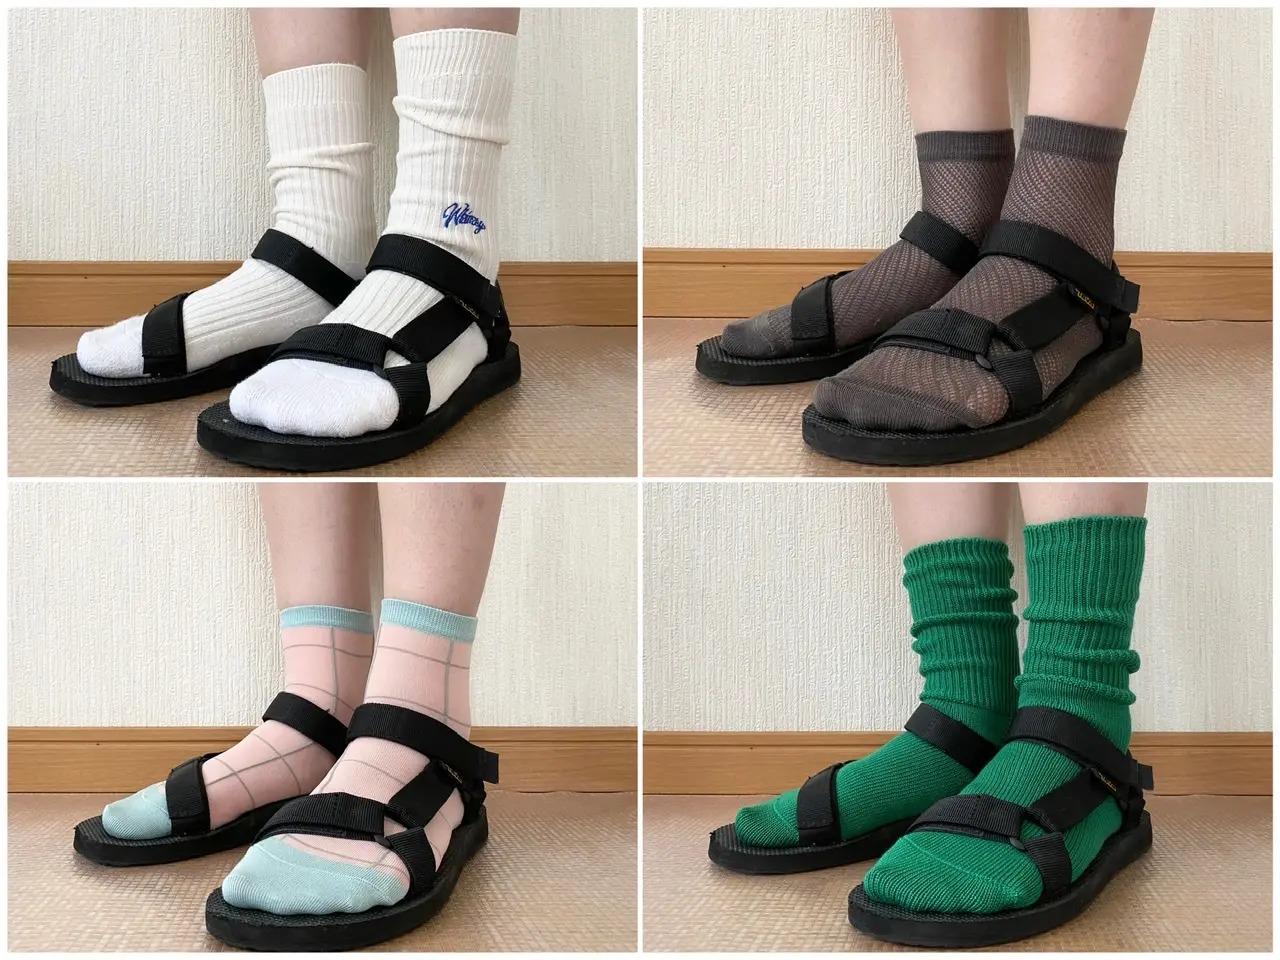 サンダル×靴下、4パターン